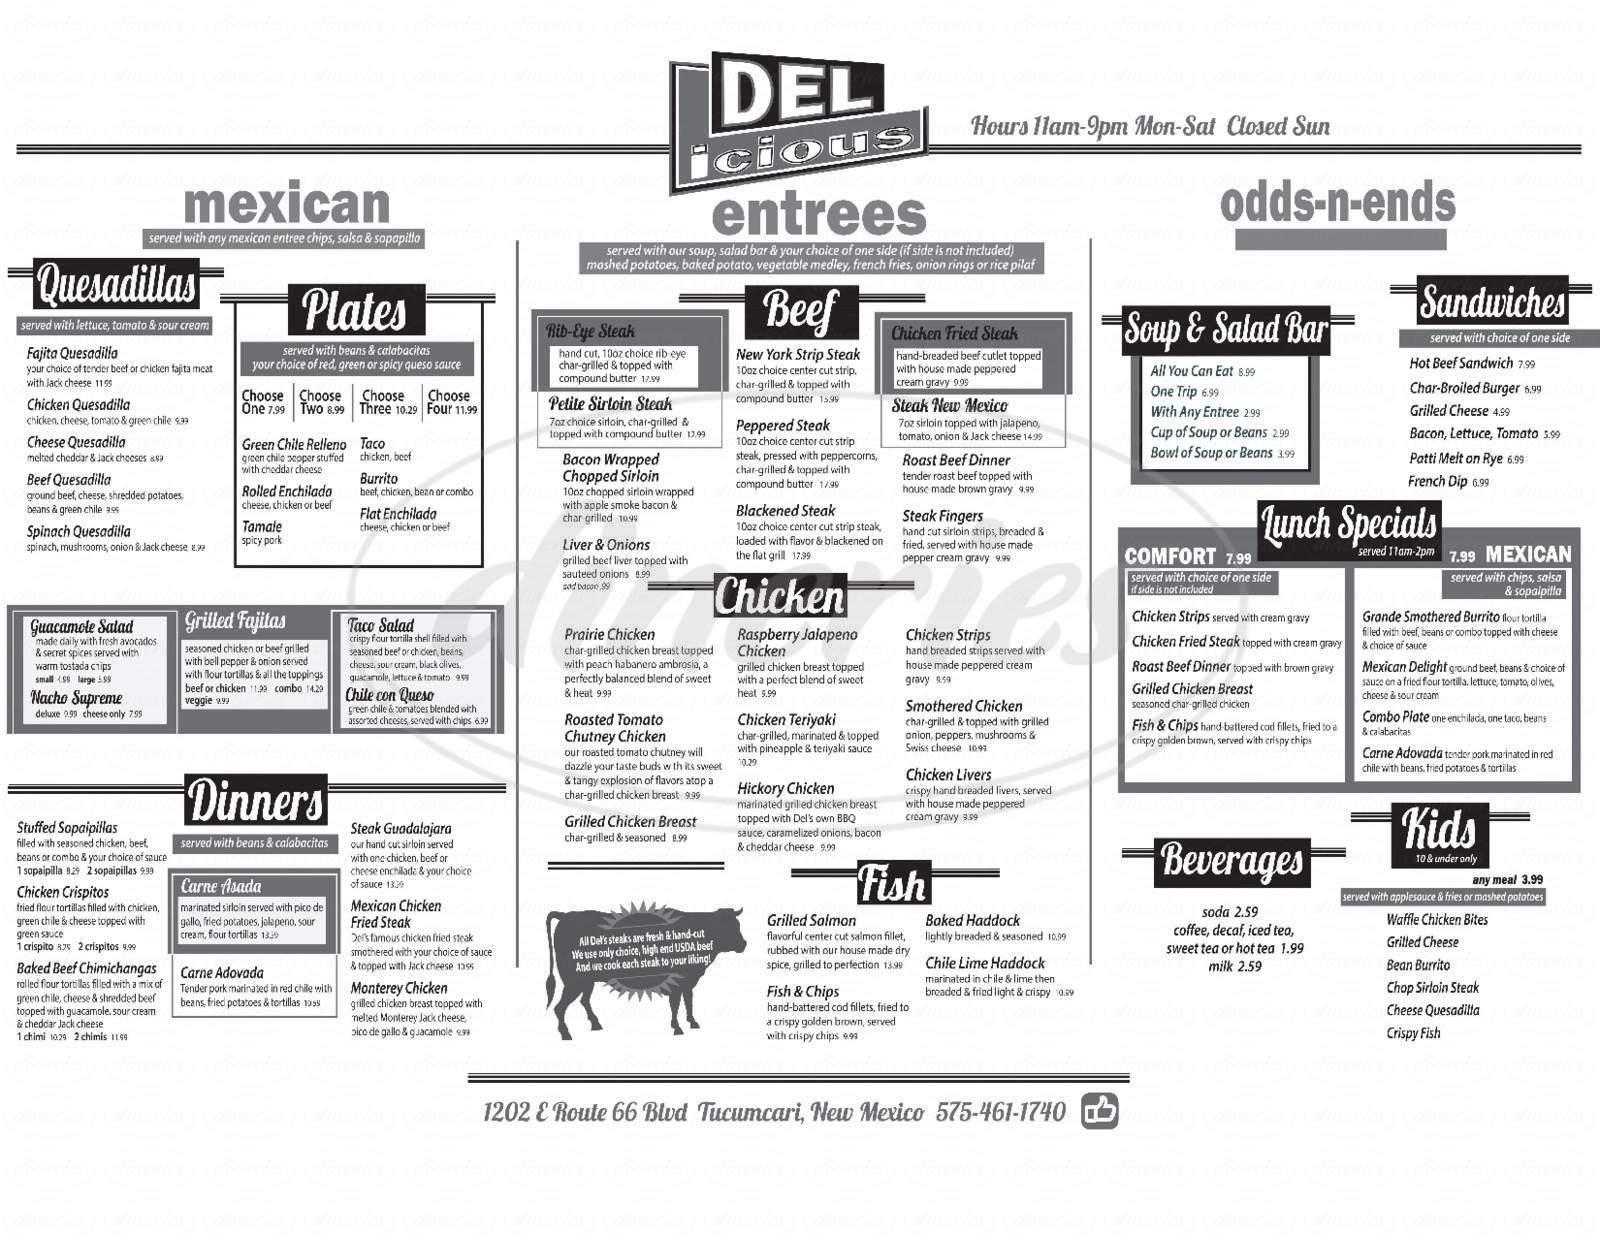 menu for Del's Restaurant